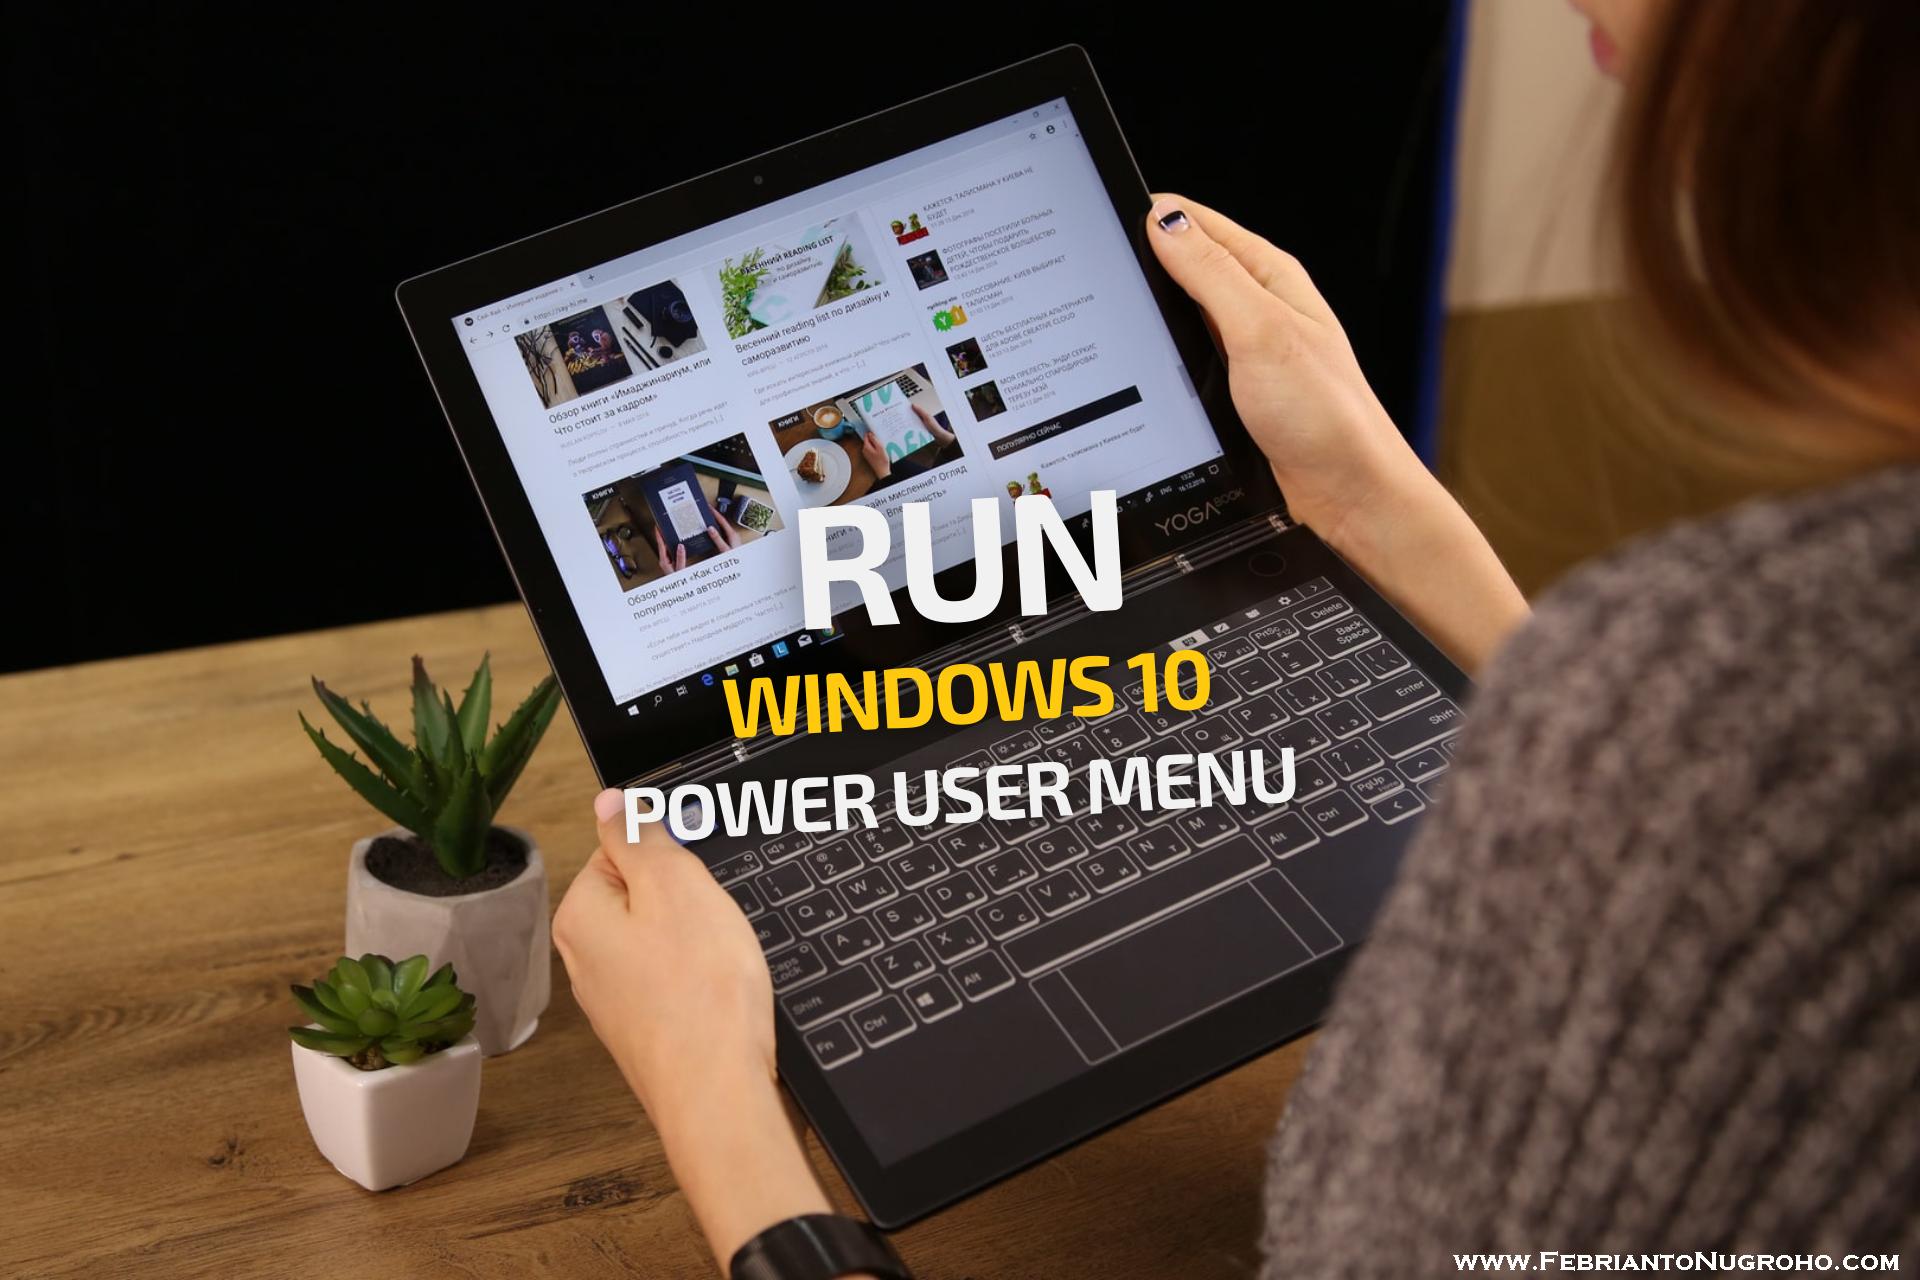 Membuka Utilitas Run di Windows 10 via Power User Menu